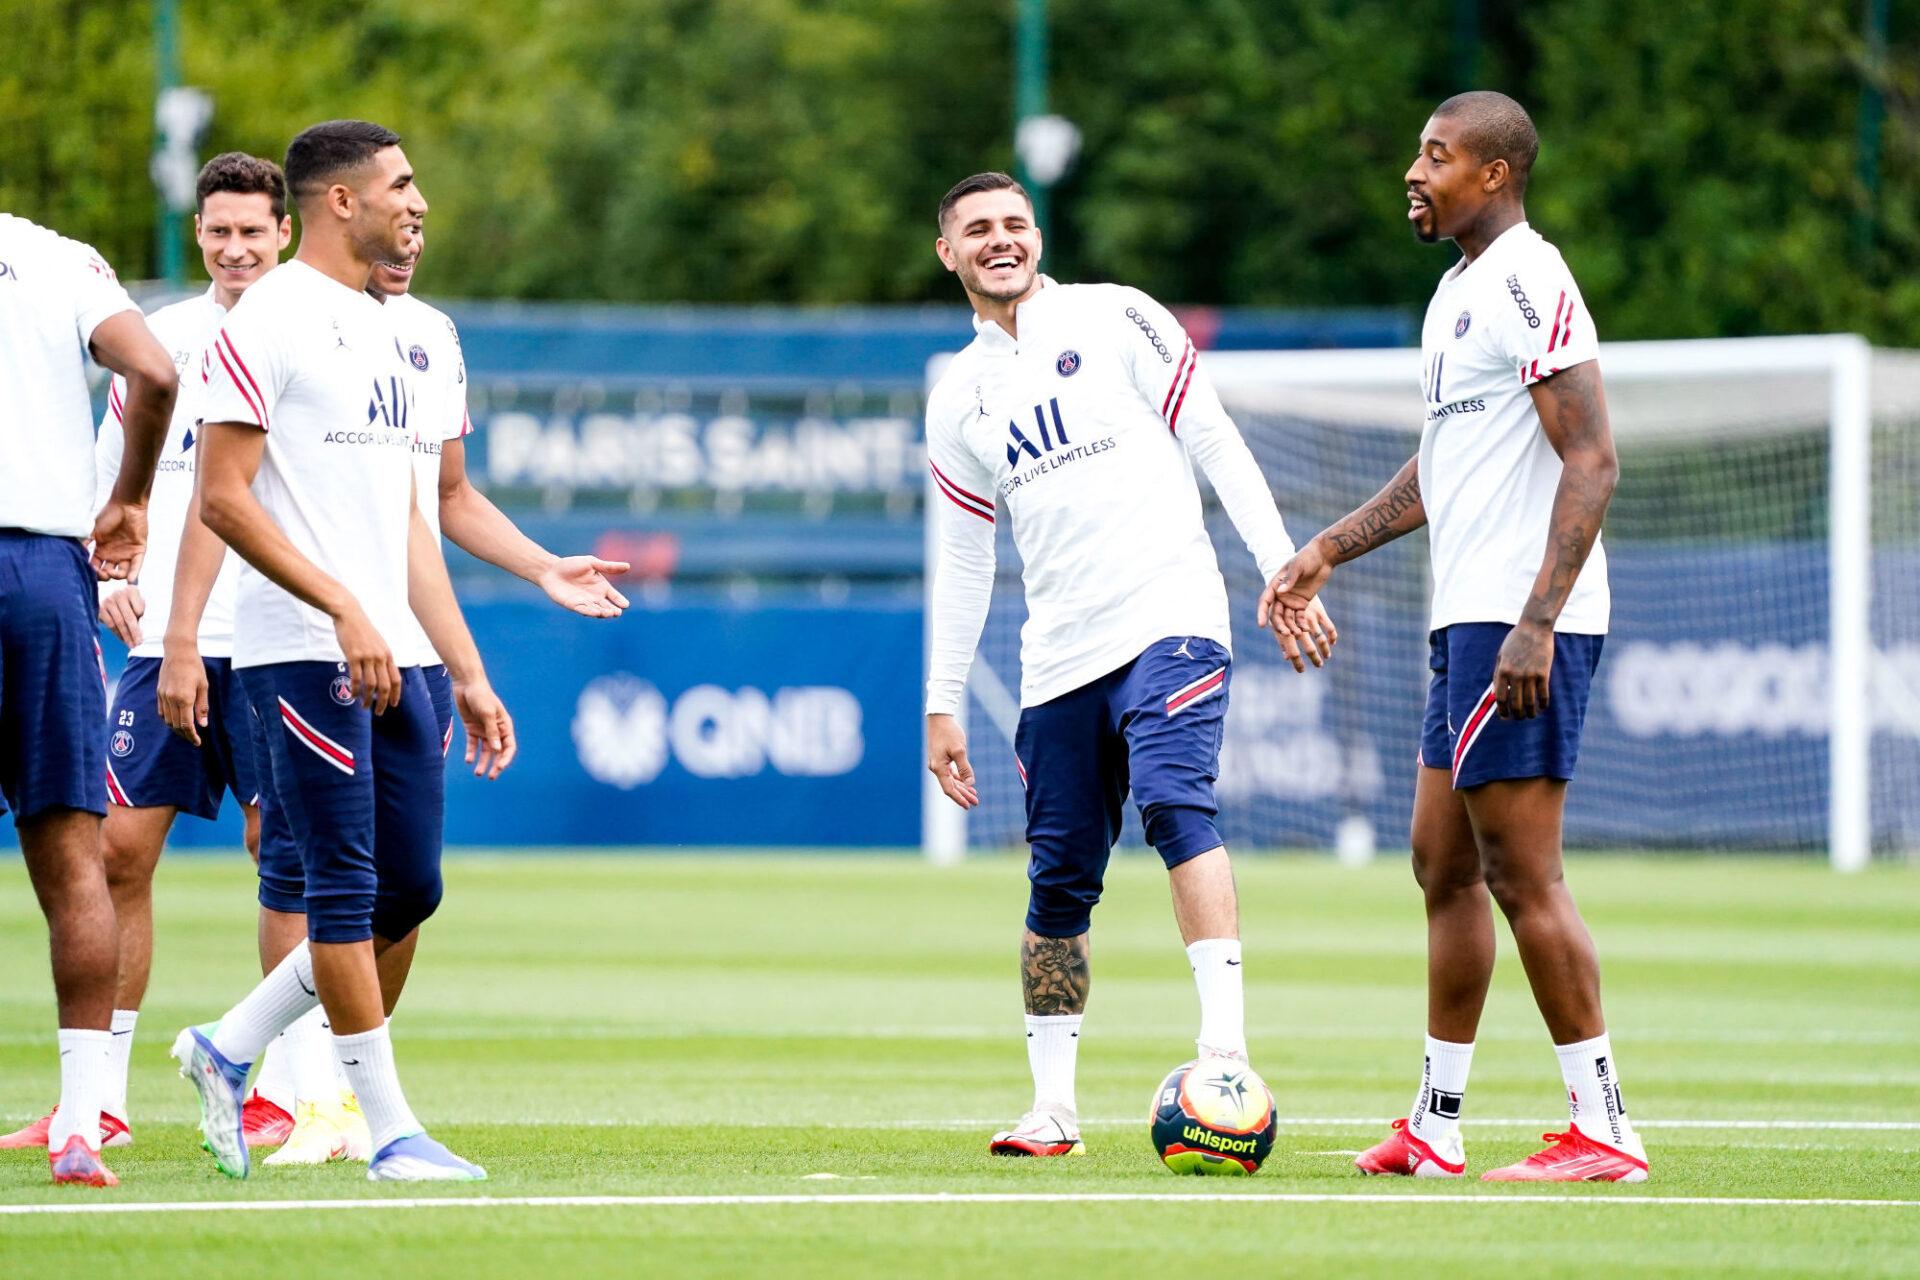 Mauro Icardi (au centre) et Presenl Kimpembe (à droite) se sont entraînés avec le PSG ce vendredi 10 septembre, mais ne sont pas certains d'être dans le groupe contre Clermont. Icon Sport